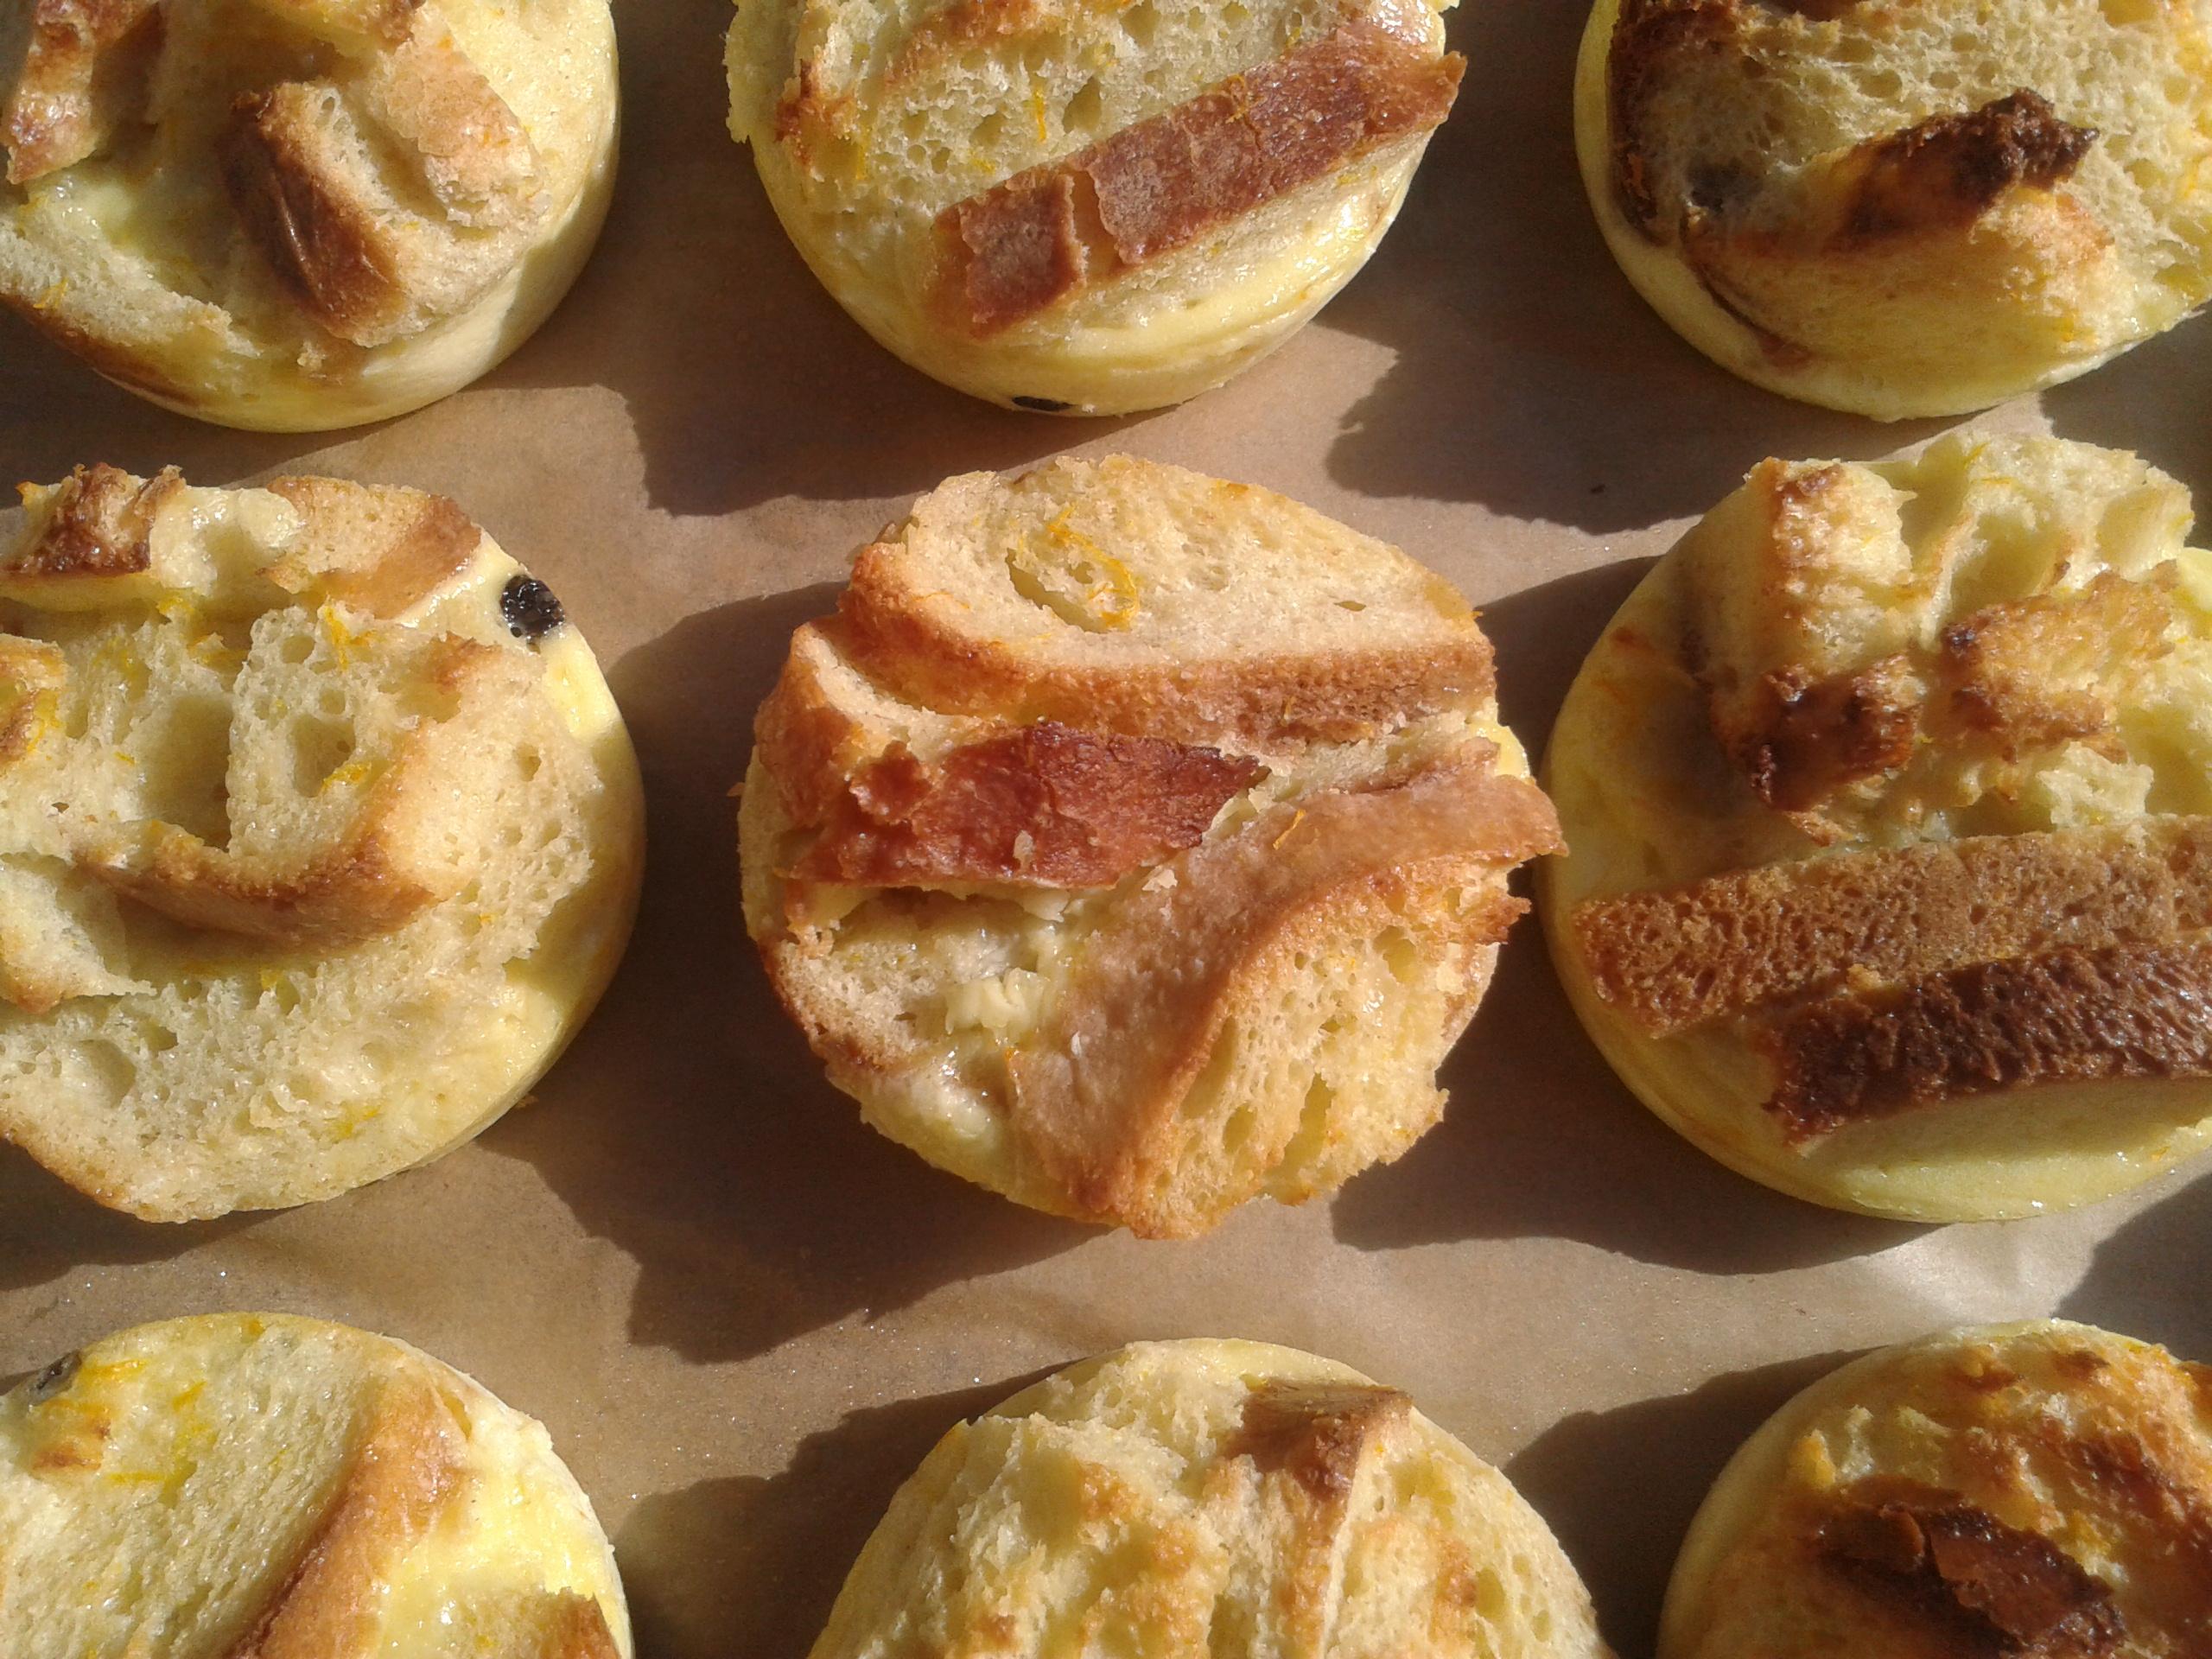 Broodtaart met vanillesaus en gebakken appel